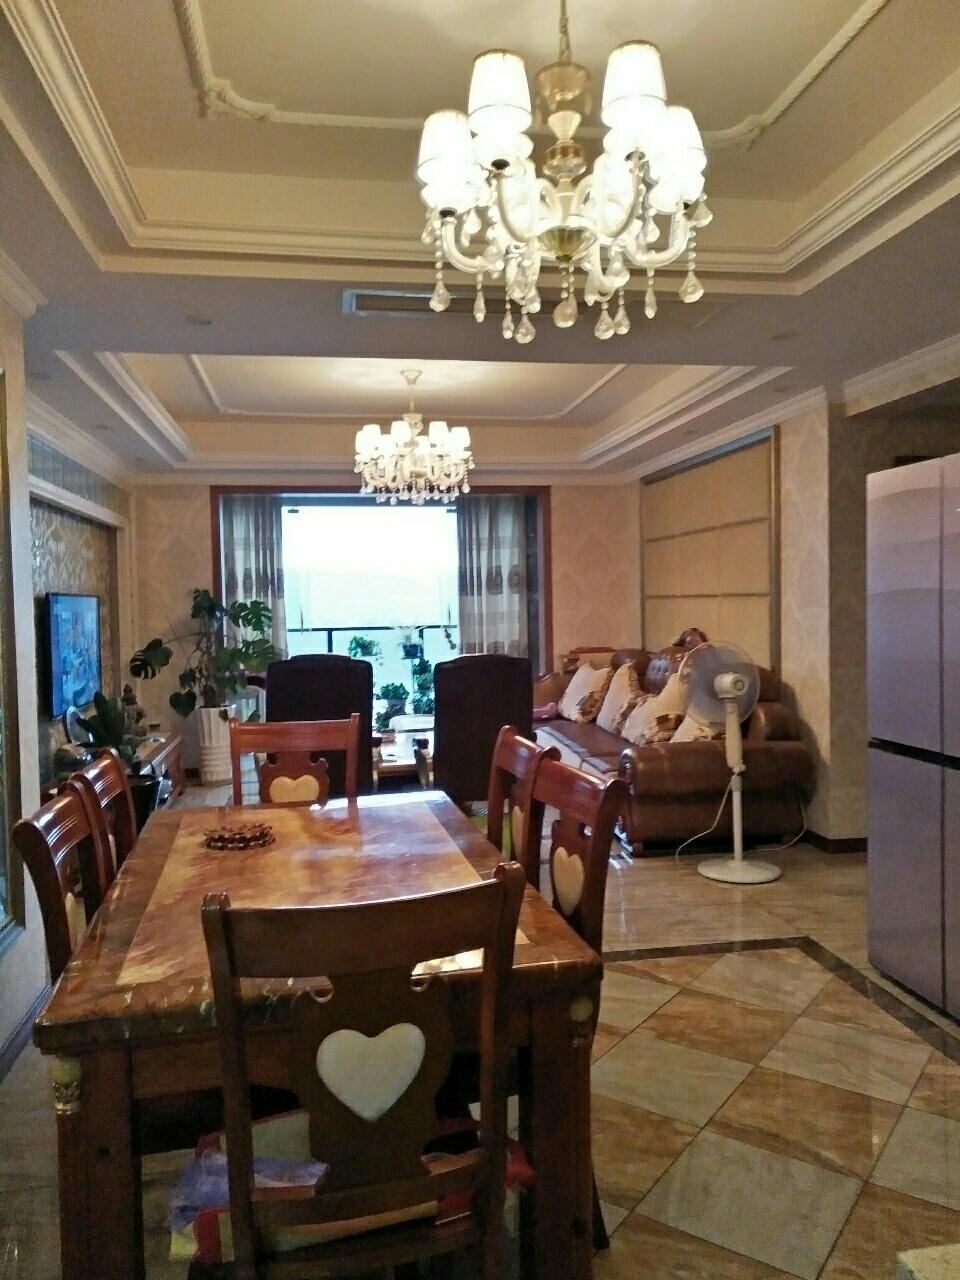 盛景天下4室 2厅 2卫108万元